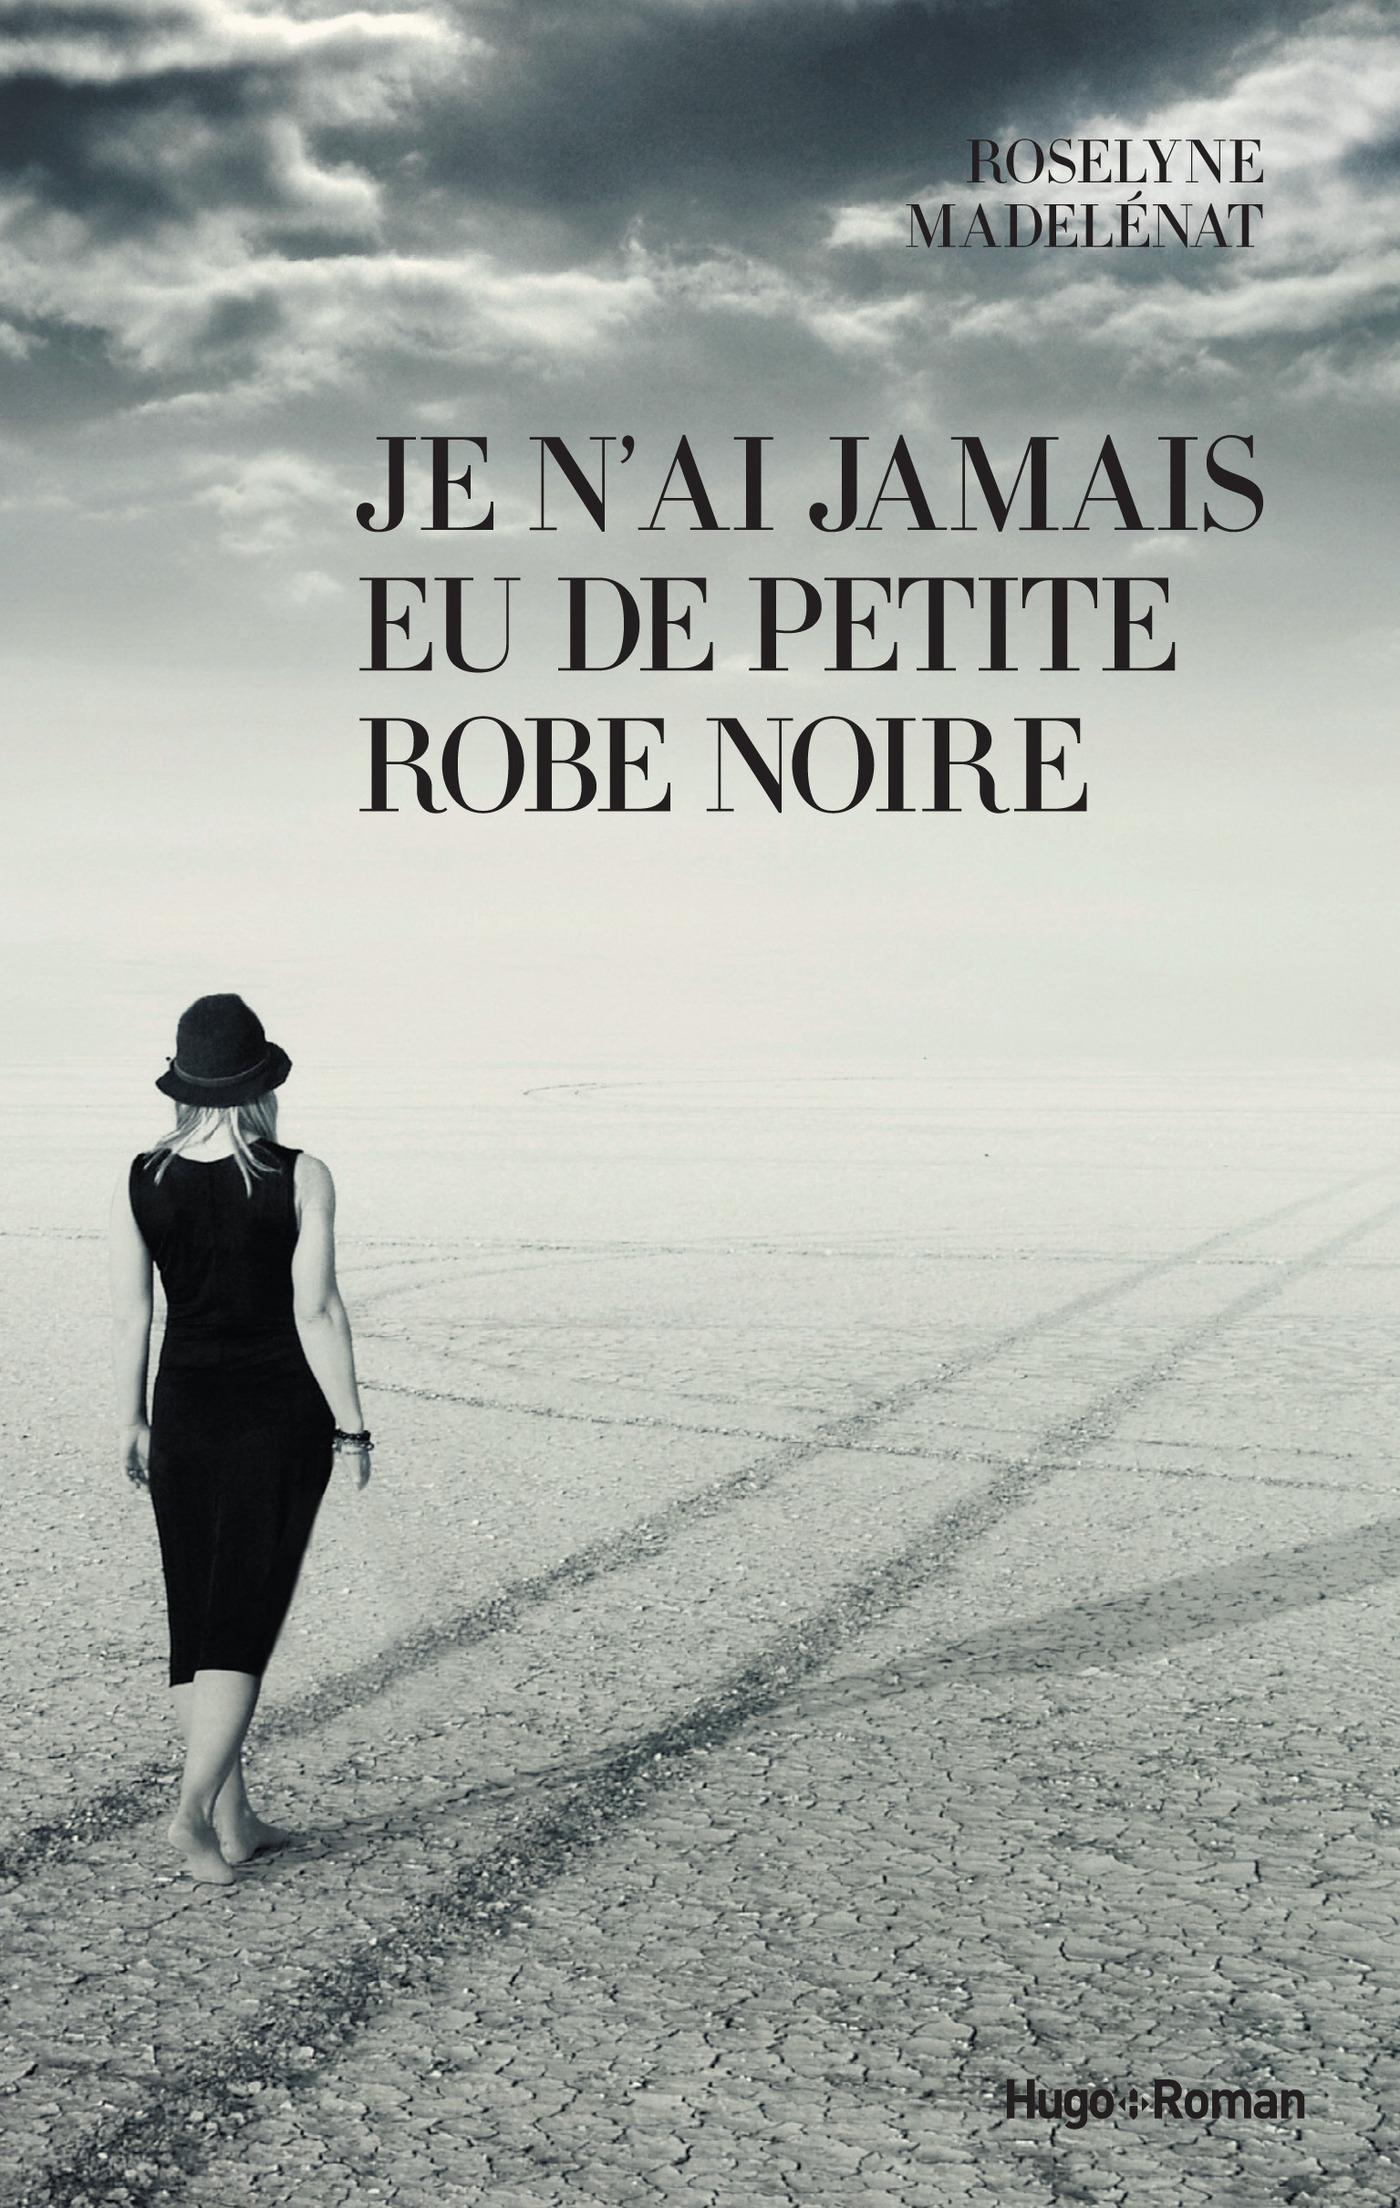 Je n'ai jamais eu de petite robe noire (ebook)